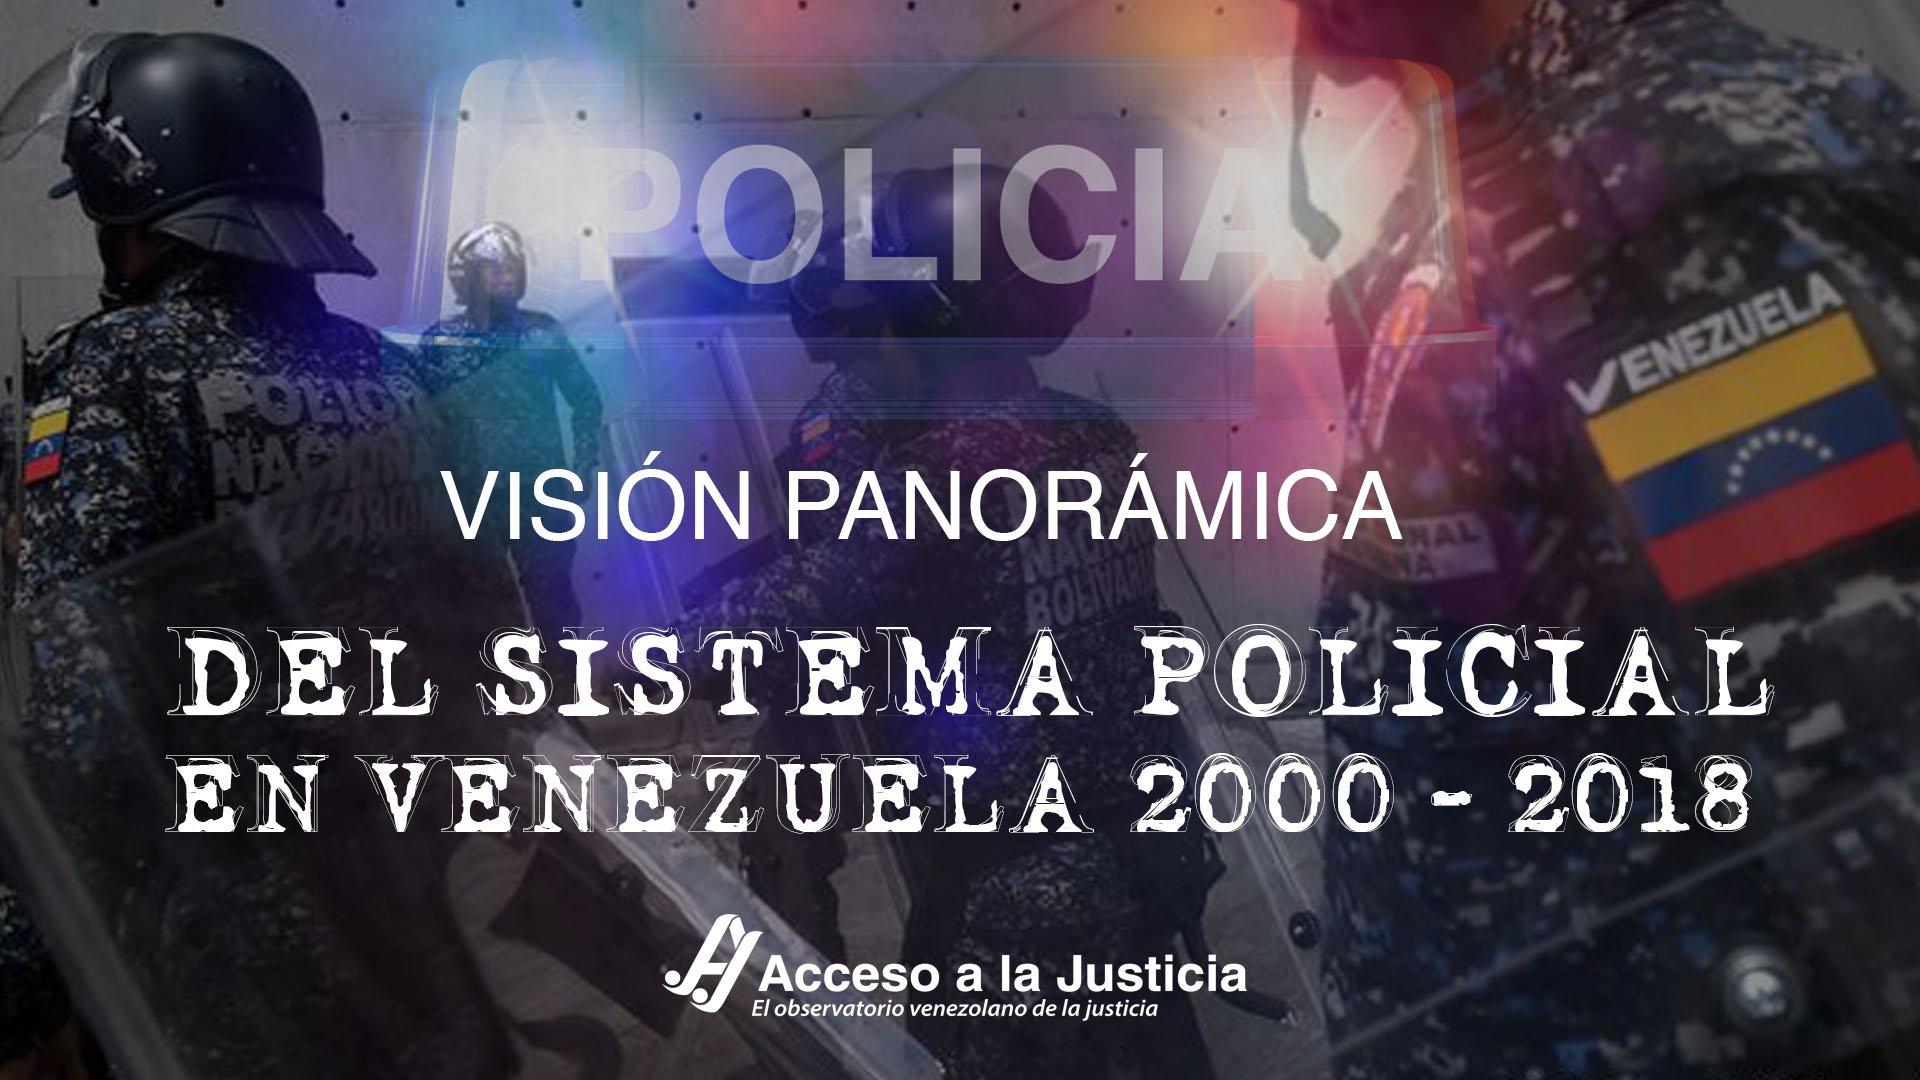 Visión panorámica del sistema policial en Venezuela (2000-2018)